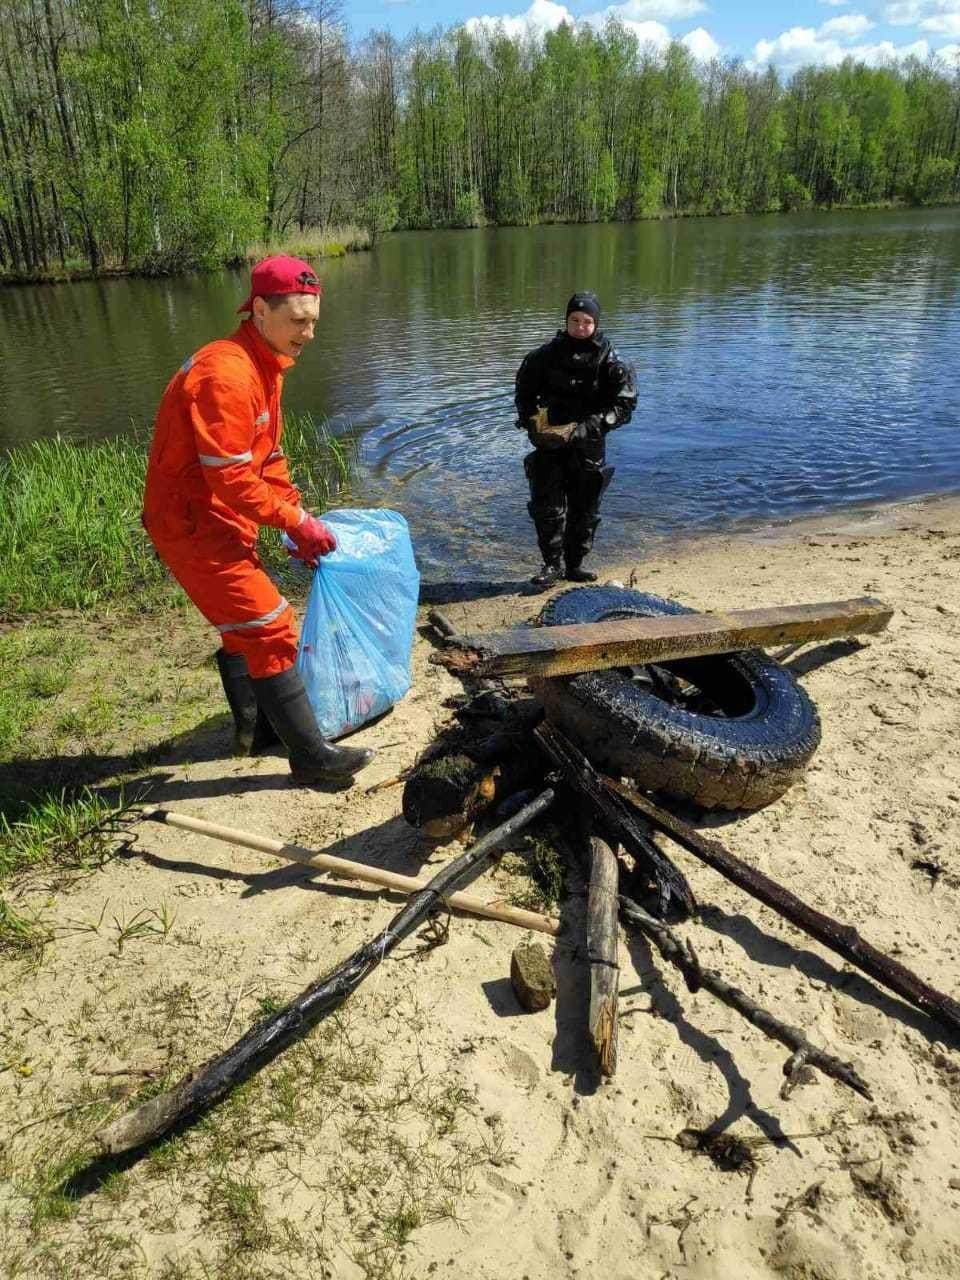 Водолазы обследовали три пляжные зоны Сормовского района. Фото: пресс-служба администрации Нижнего Новгорода.